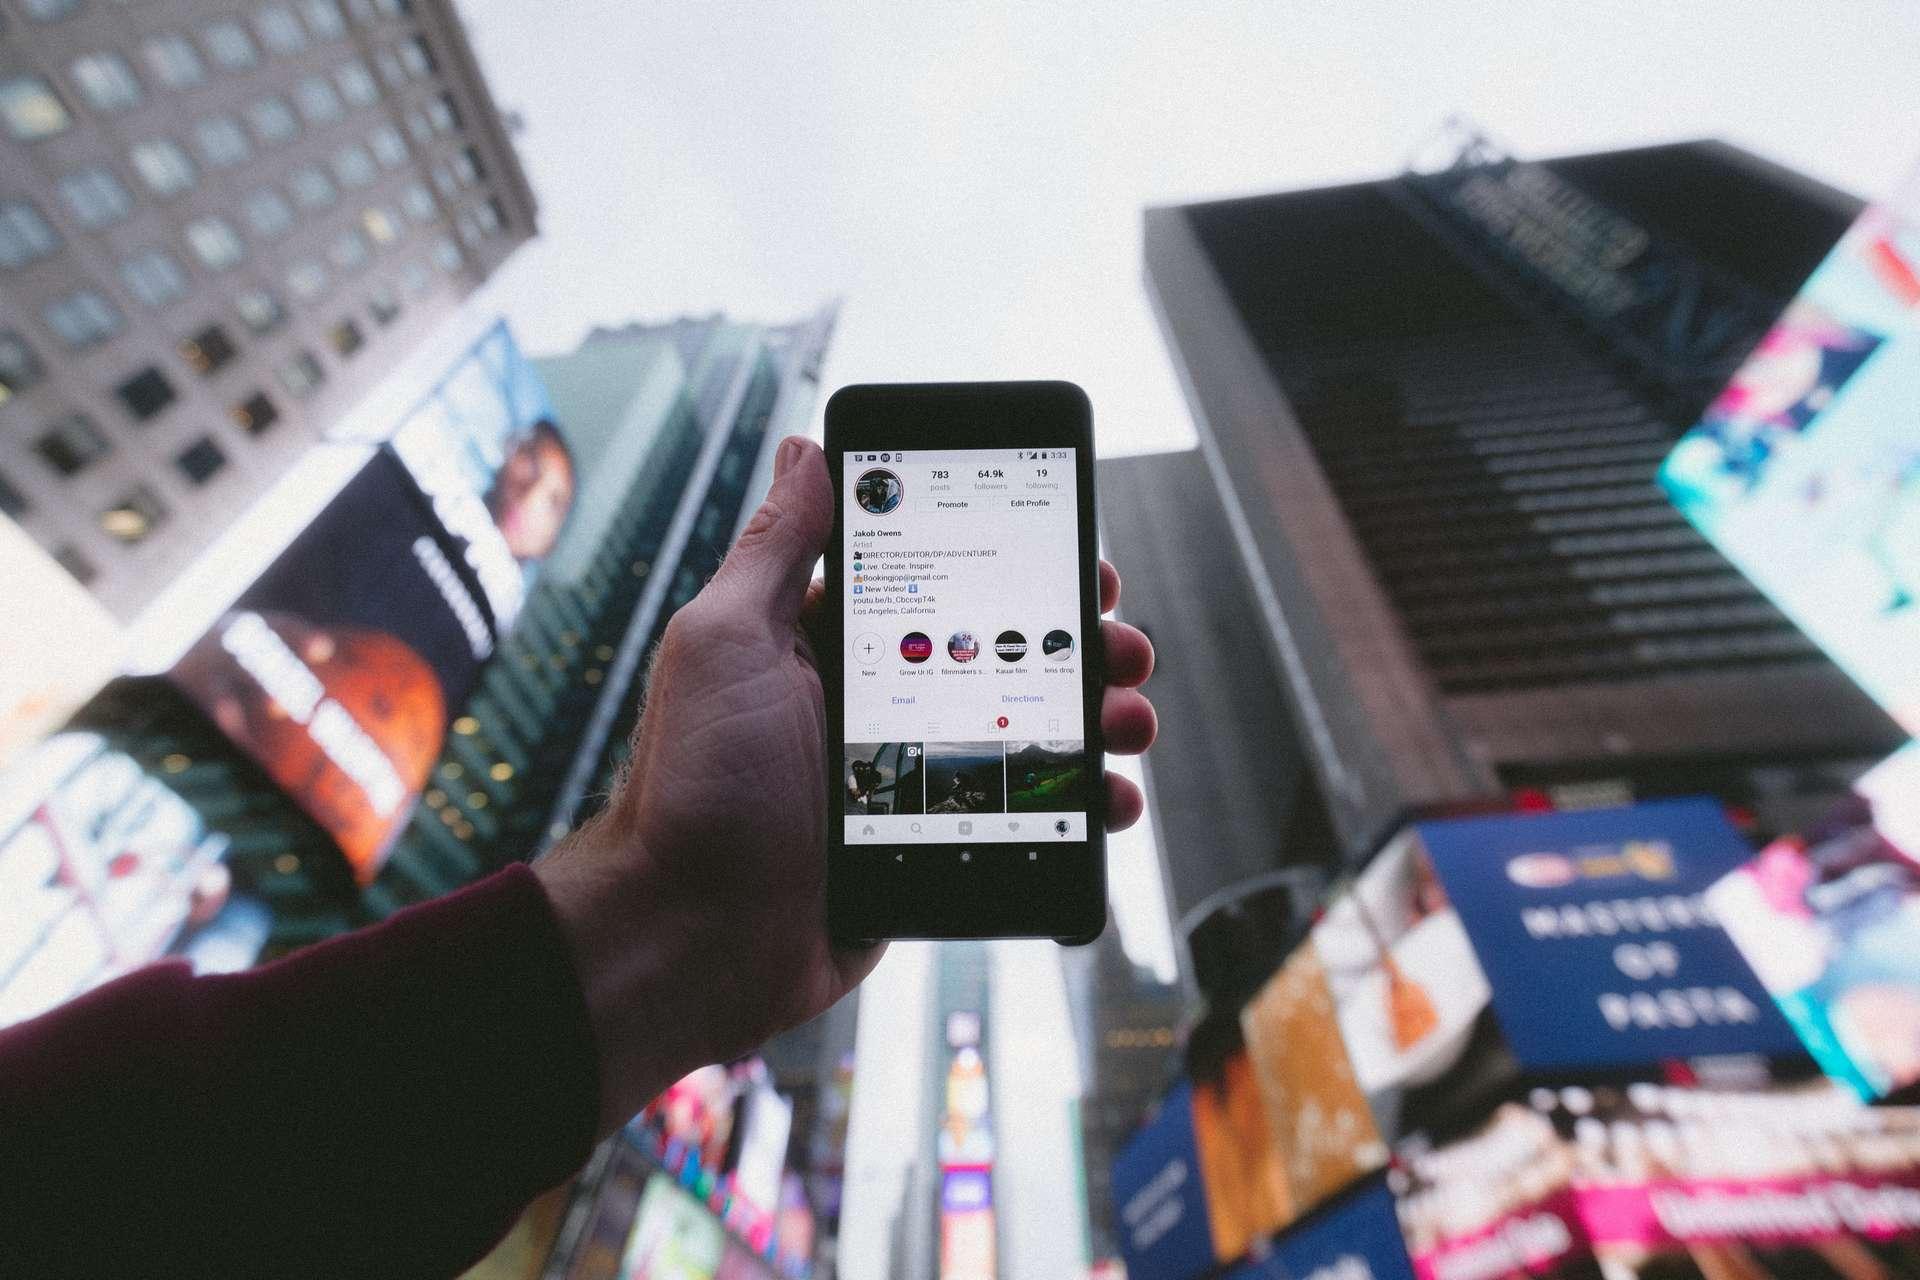 ניהול הרשאות עבור אפליקציות בטלפון מבוסס אנדרואיד